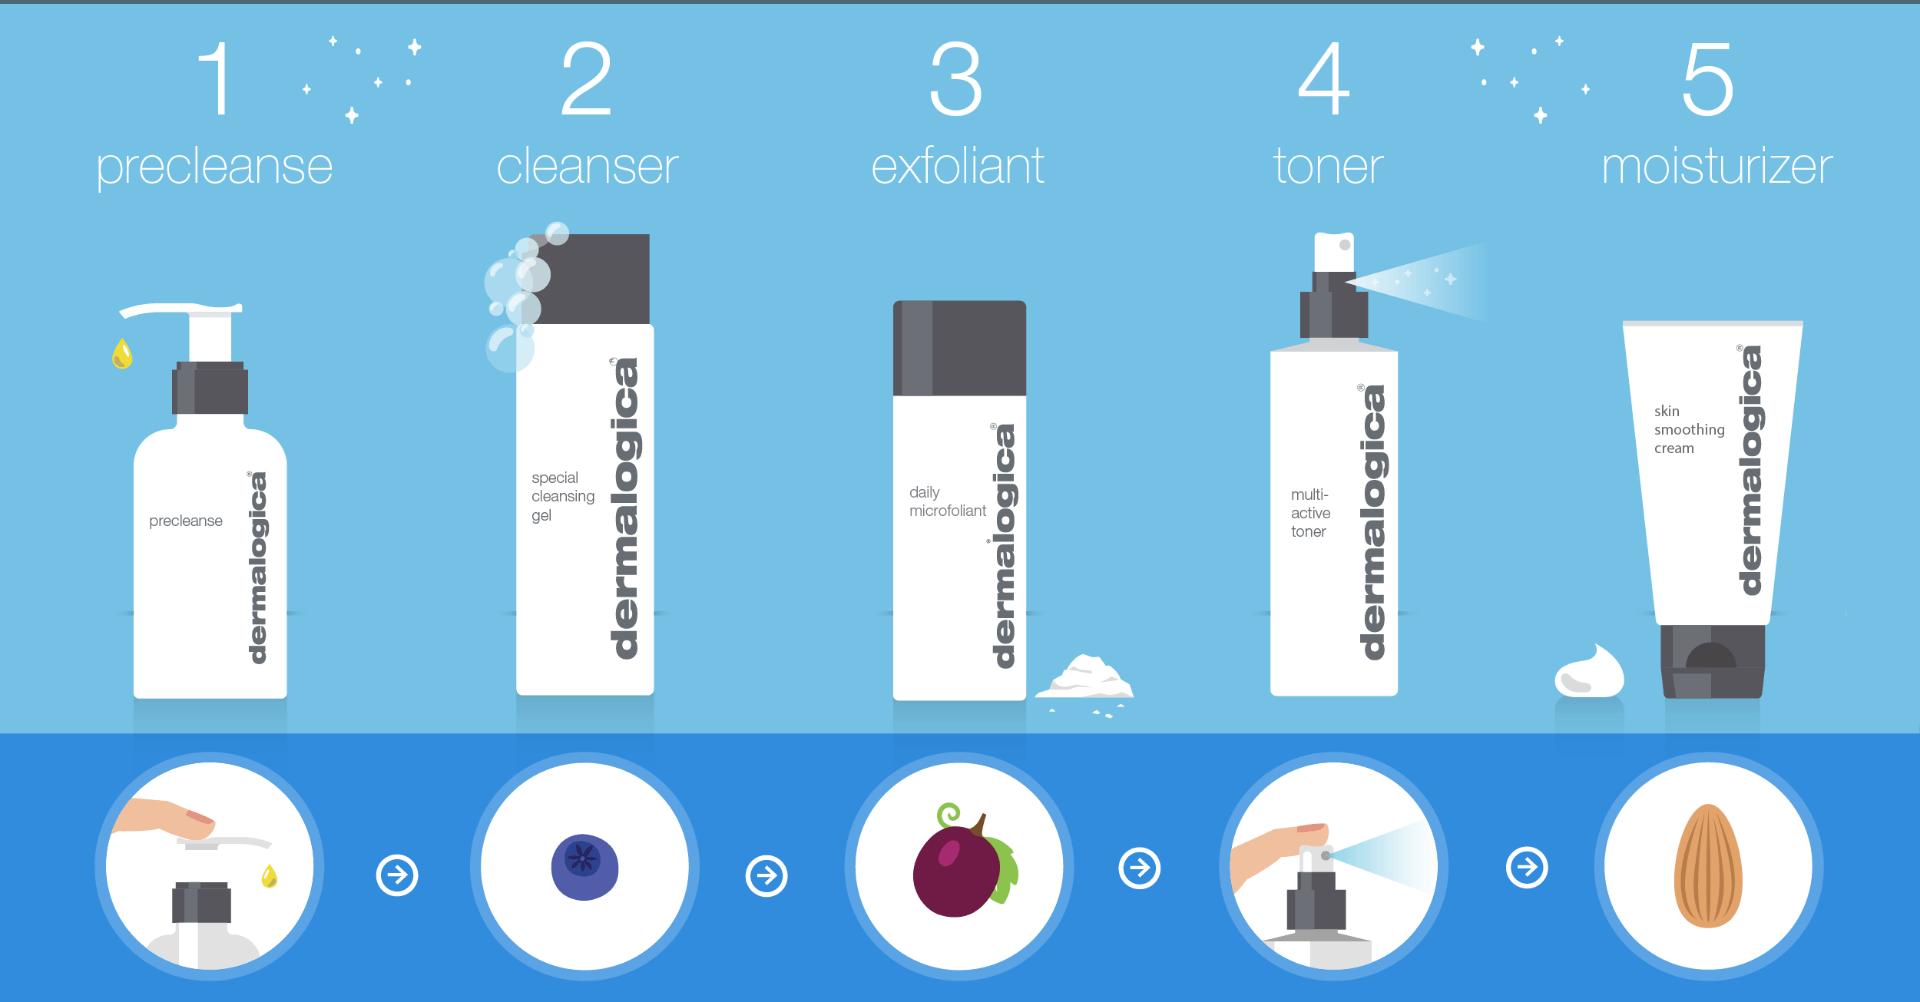 stappenplan voor een gezonde huid